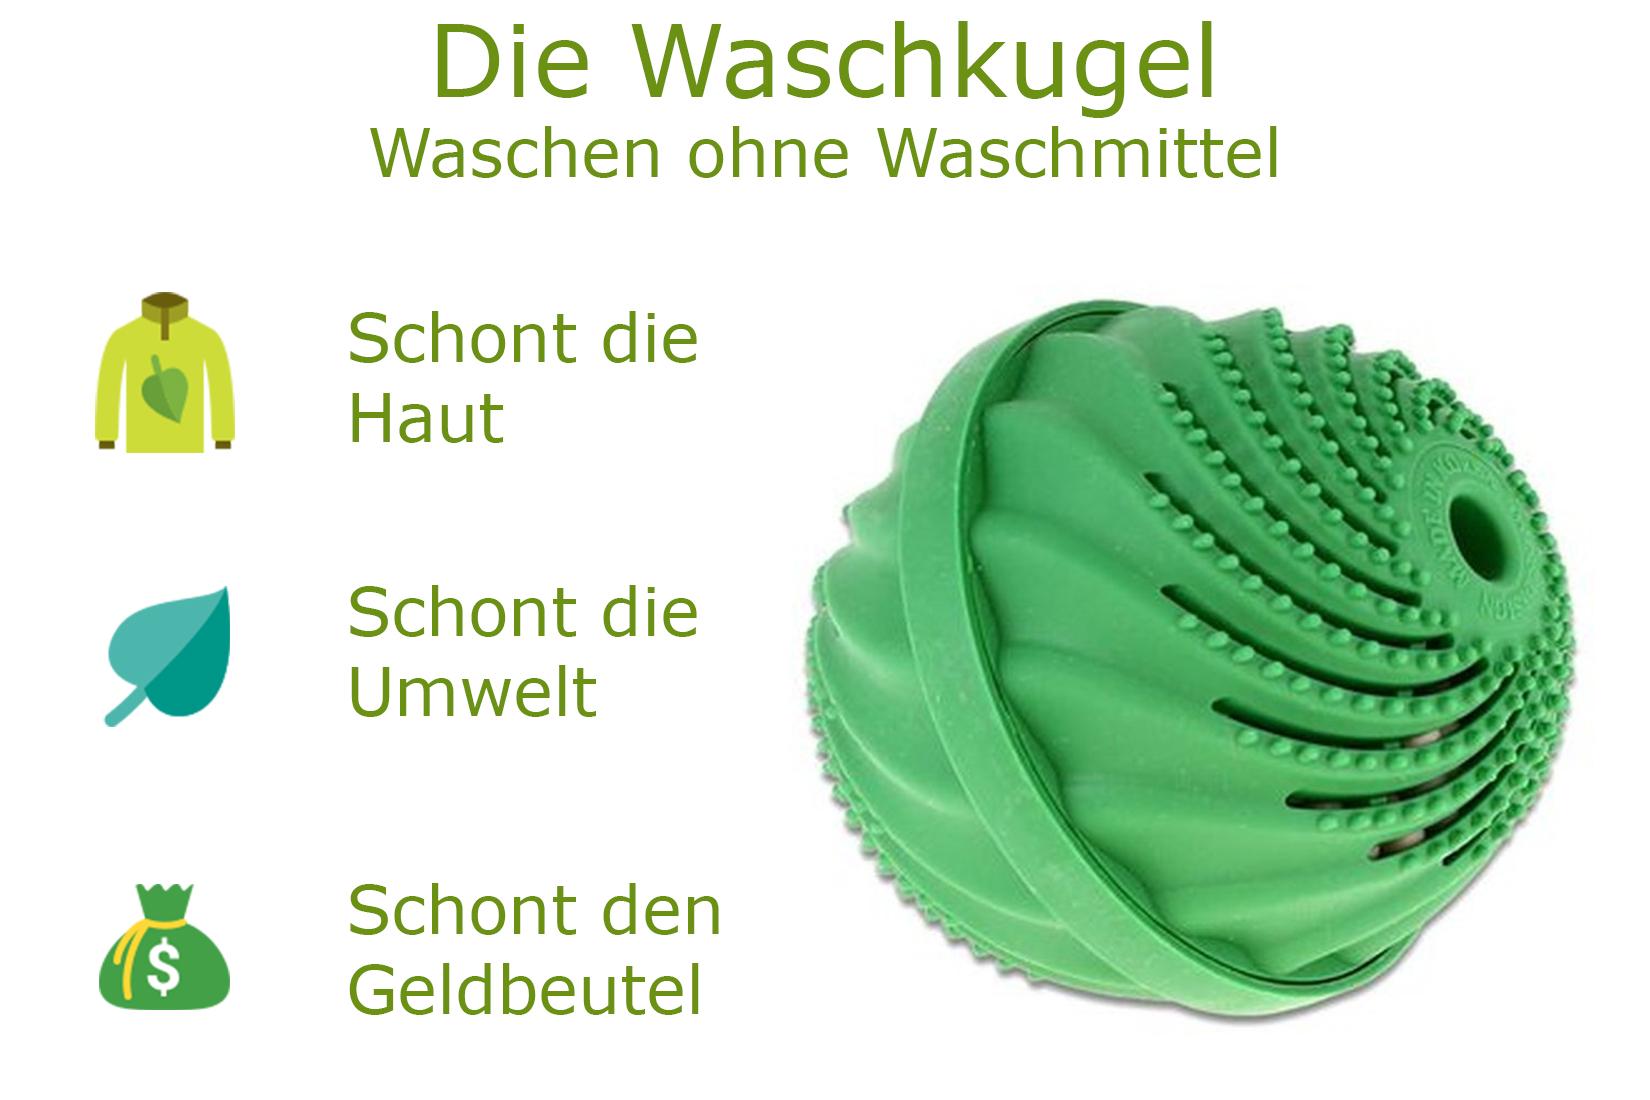 Waschkugel Waschball Waschen ohne Waschmittel ohne Chemie